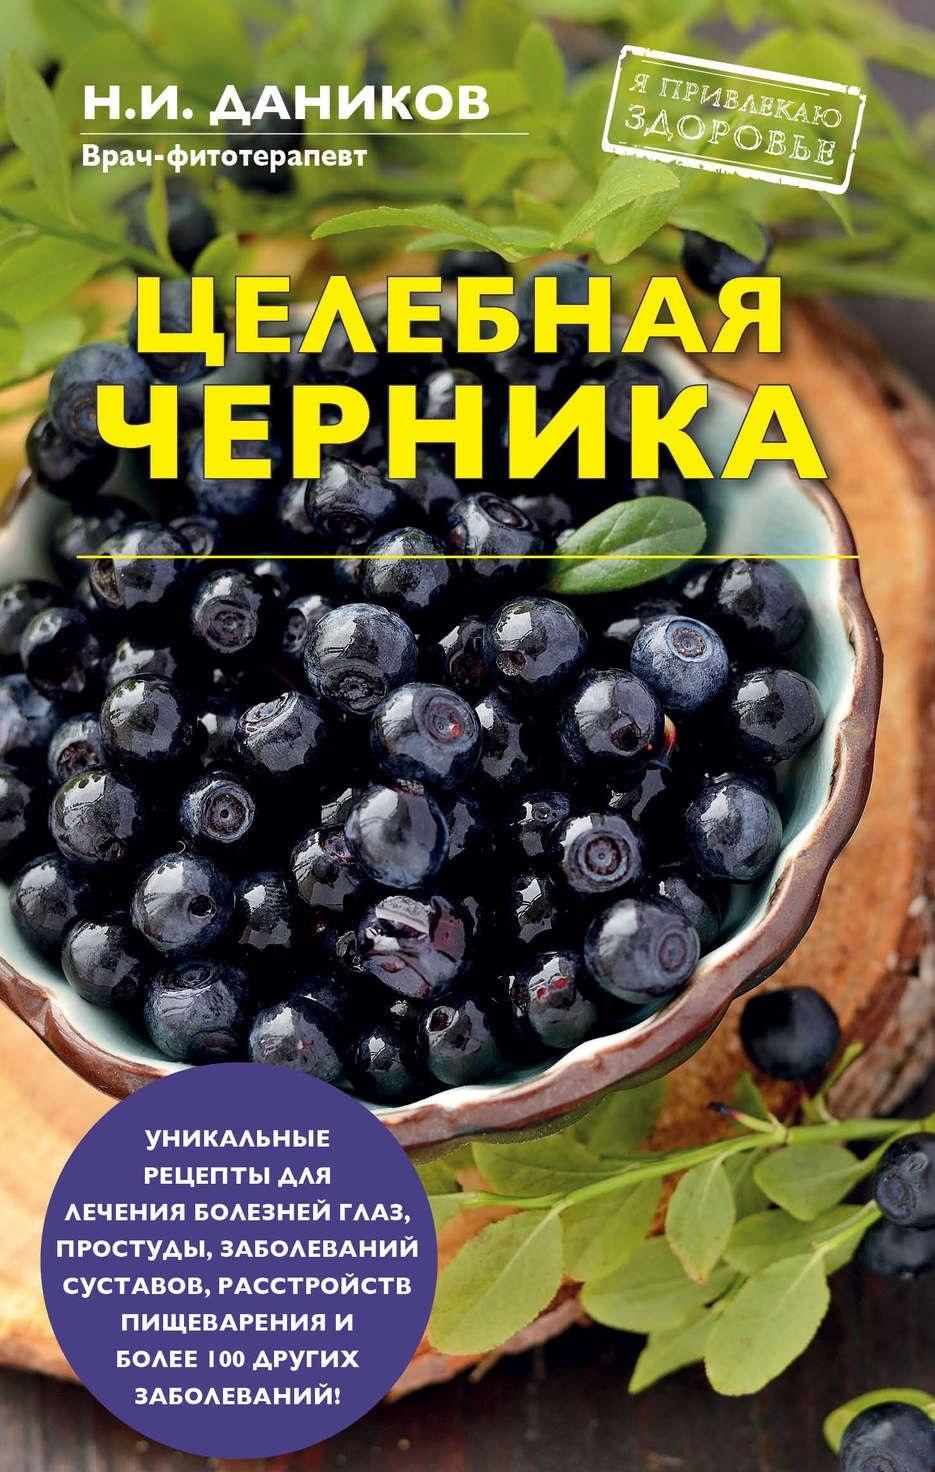 Купить Целебная черника, Николай Даников, 978-5-04-093095-1